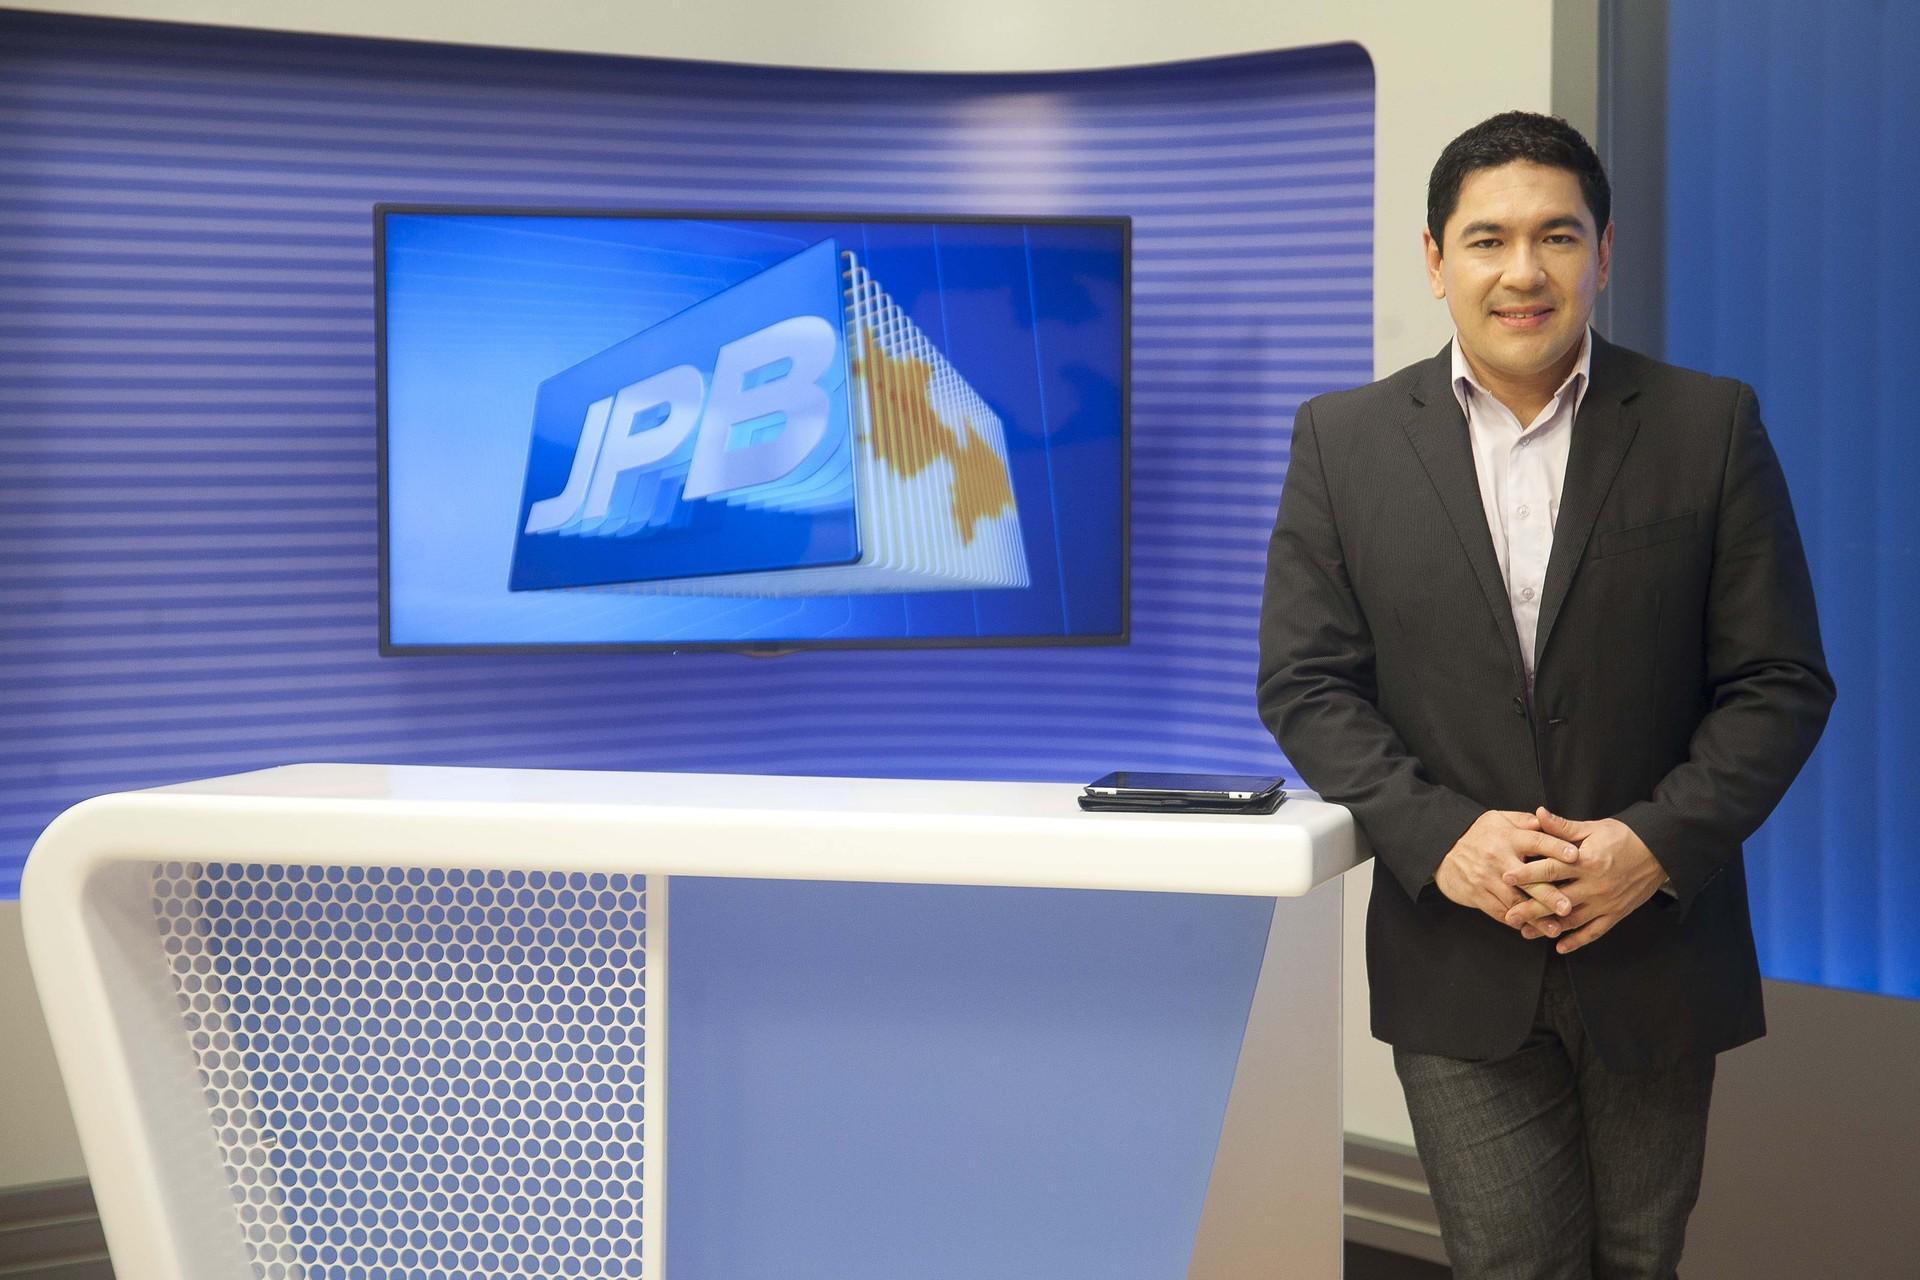 Bruno Sakaue no novo cenário do JPB 1ª Edição (Foto: Felipe Gesteira/TV Cabo Branco)